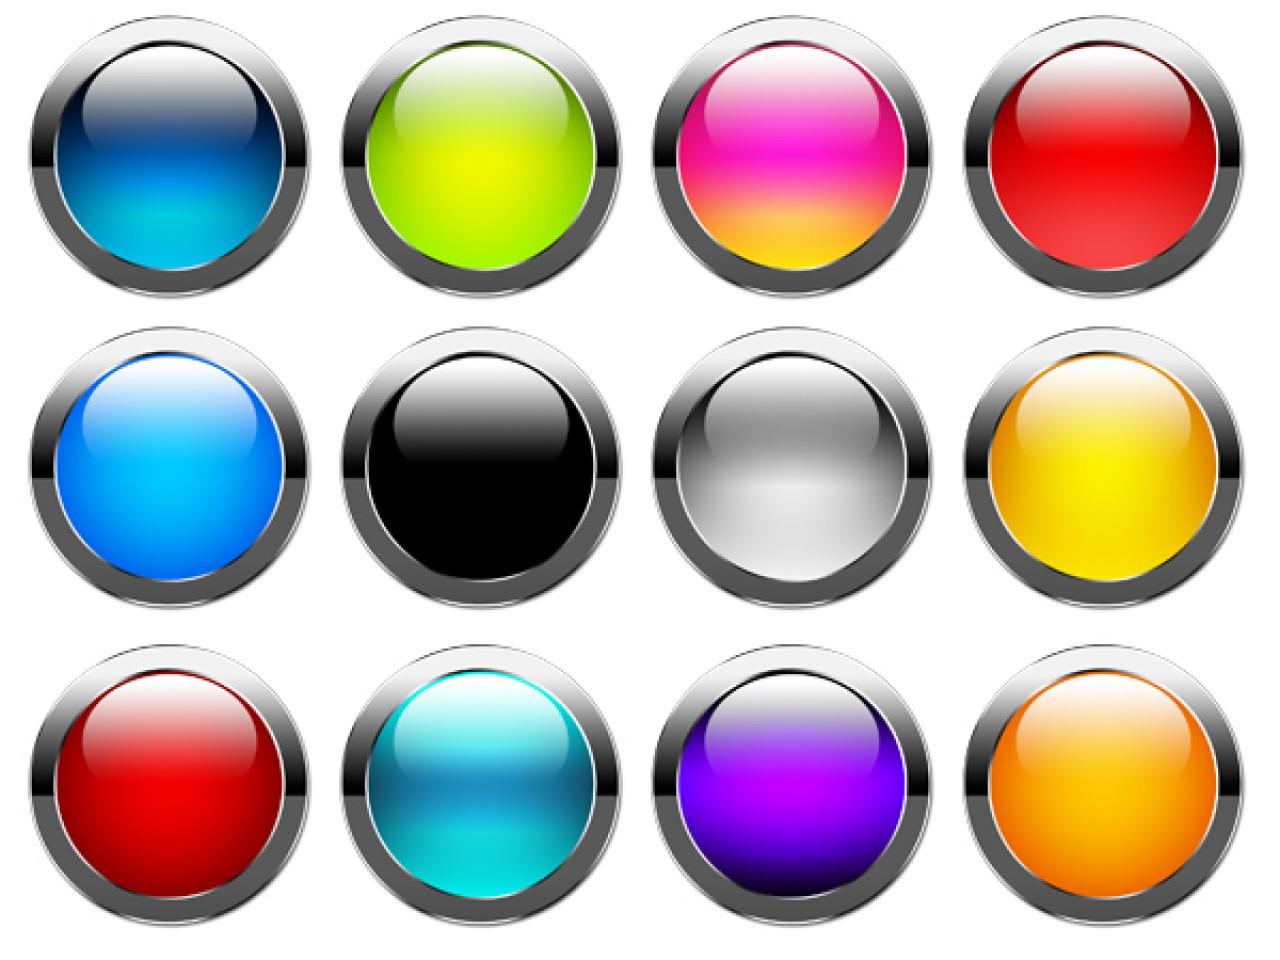 Как сделать красивую кнопку на сайте html